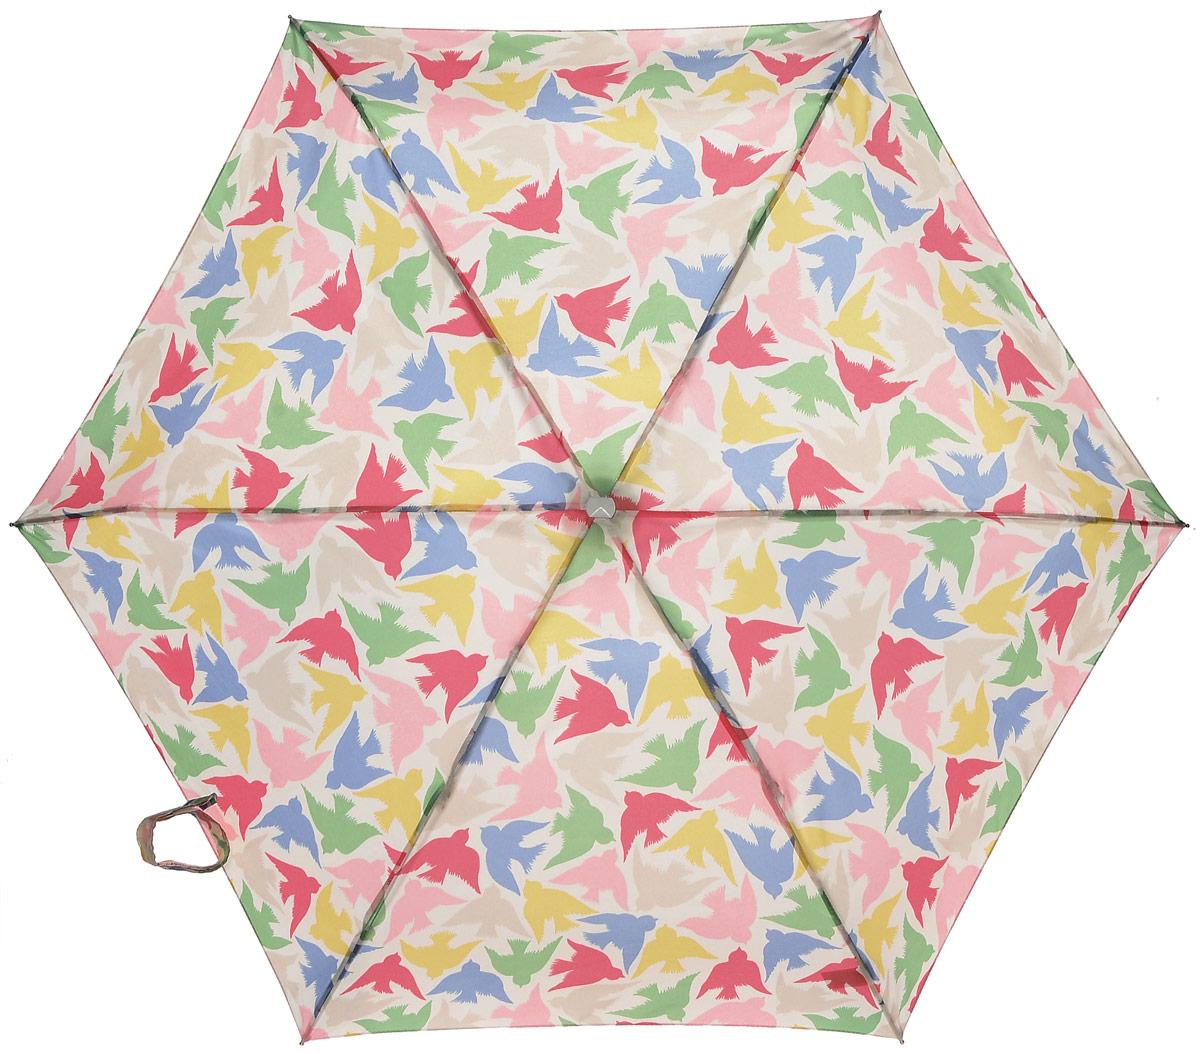 Зонт женский Fulton Cath Kidston, механический, 5 сложений, цвет: мультиколор. L521-312945100032/35449/3537AКомпактный женский зонт Fulton Cath Kidston выполнен из металла и пластика.Каркас зонта выполнен из шести спиц на прочном алюминиевом стержне. Купол зонта изготовлен из прочного полиэстера. Закрытый купол застегивается на хлястик с липучкой. Практичная рукоятка закругленной формы разработана с учетом требований эргономики и выполнена из натурального дерева.Зонт складывается и раскладывается механическим способом.Зонт дополнен легким плоским чехлом. Такая модель не только надежно защитит от дождя, но и станет стильным аксессуаром.